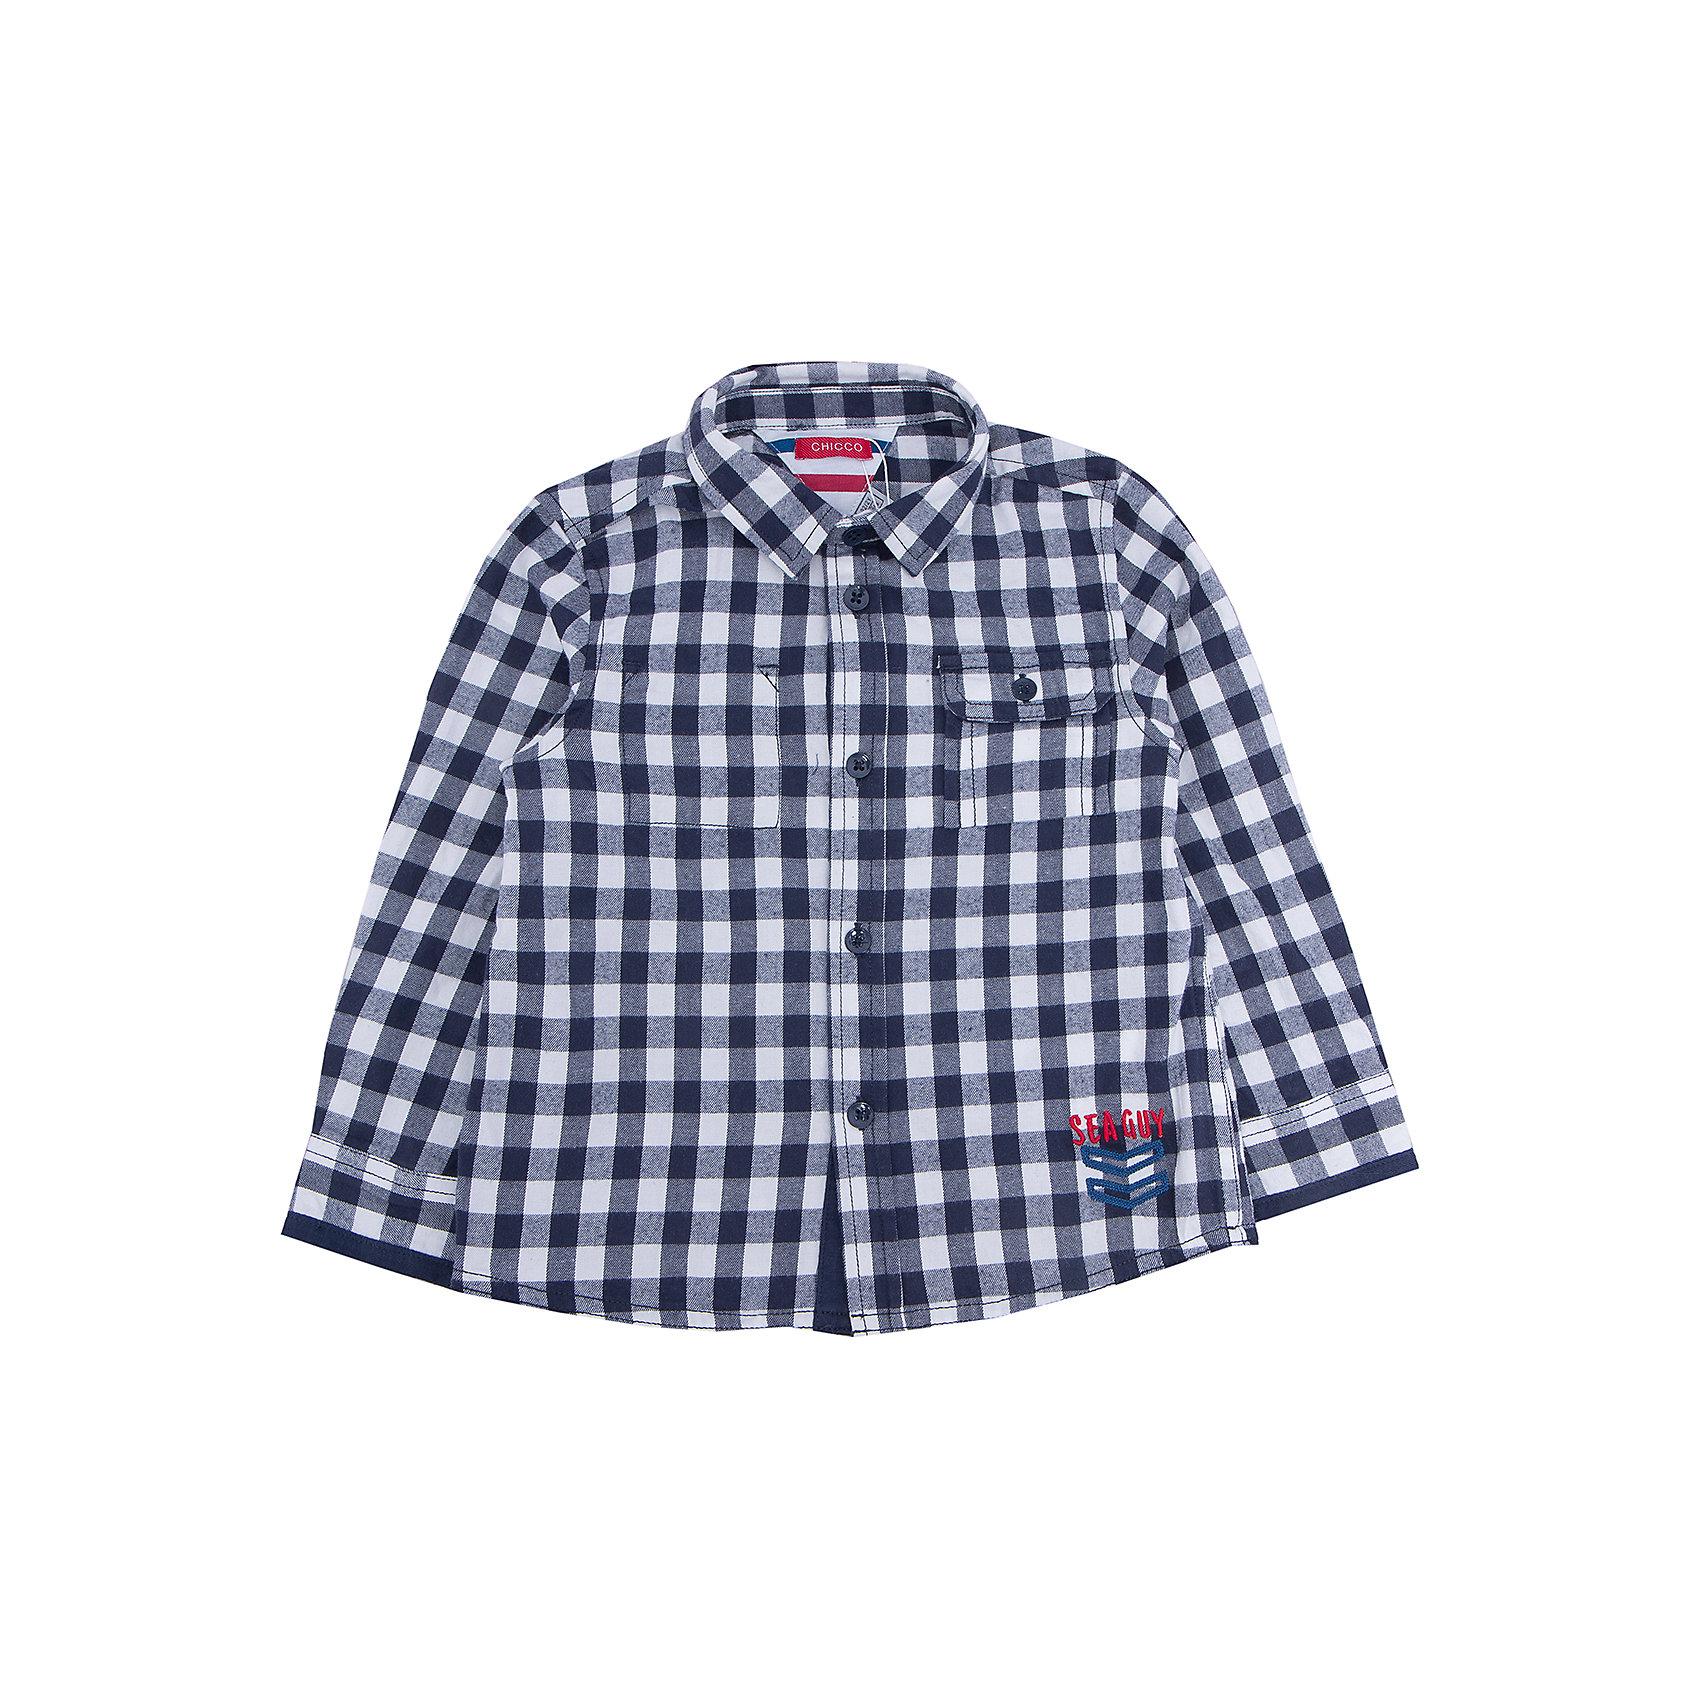 Рубашка   для мальчика CHICCOБлузки и рубашки<br>Рубашка CHICCO для мальчика<br><br>Характеристики:<br><br>Материал: хлопковая ткань<br>Силуэт: свободный<br>Тип застежки: пуговицы<br>Длина рукава: длинные<br>Тип карманов: один боковой, застегивается на пуговицу<br>Принт: клетка<br><br>Состав: 100% хлопок<br><br>Рубашку CHICCO для мальчика можно купить в нашем интернет-магазине.<br><br>Ширина мм: 190<br>Глубина мм: 74<br>Высота мм: 229<br>Вес г: 236<br>Цвет: синий<br>Возраст от месяцев: 84<br>Возраст до месяцев: 96<br>Пол: Мужской<br>Возраст: Детский<br>Размер: 128,92,98,104,110,116,122<br>SKU: 5082508